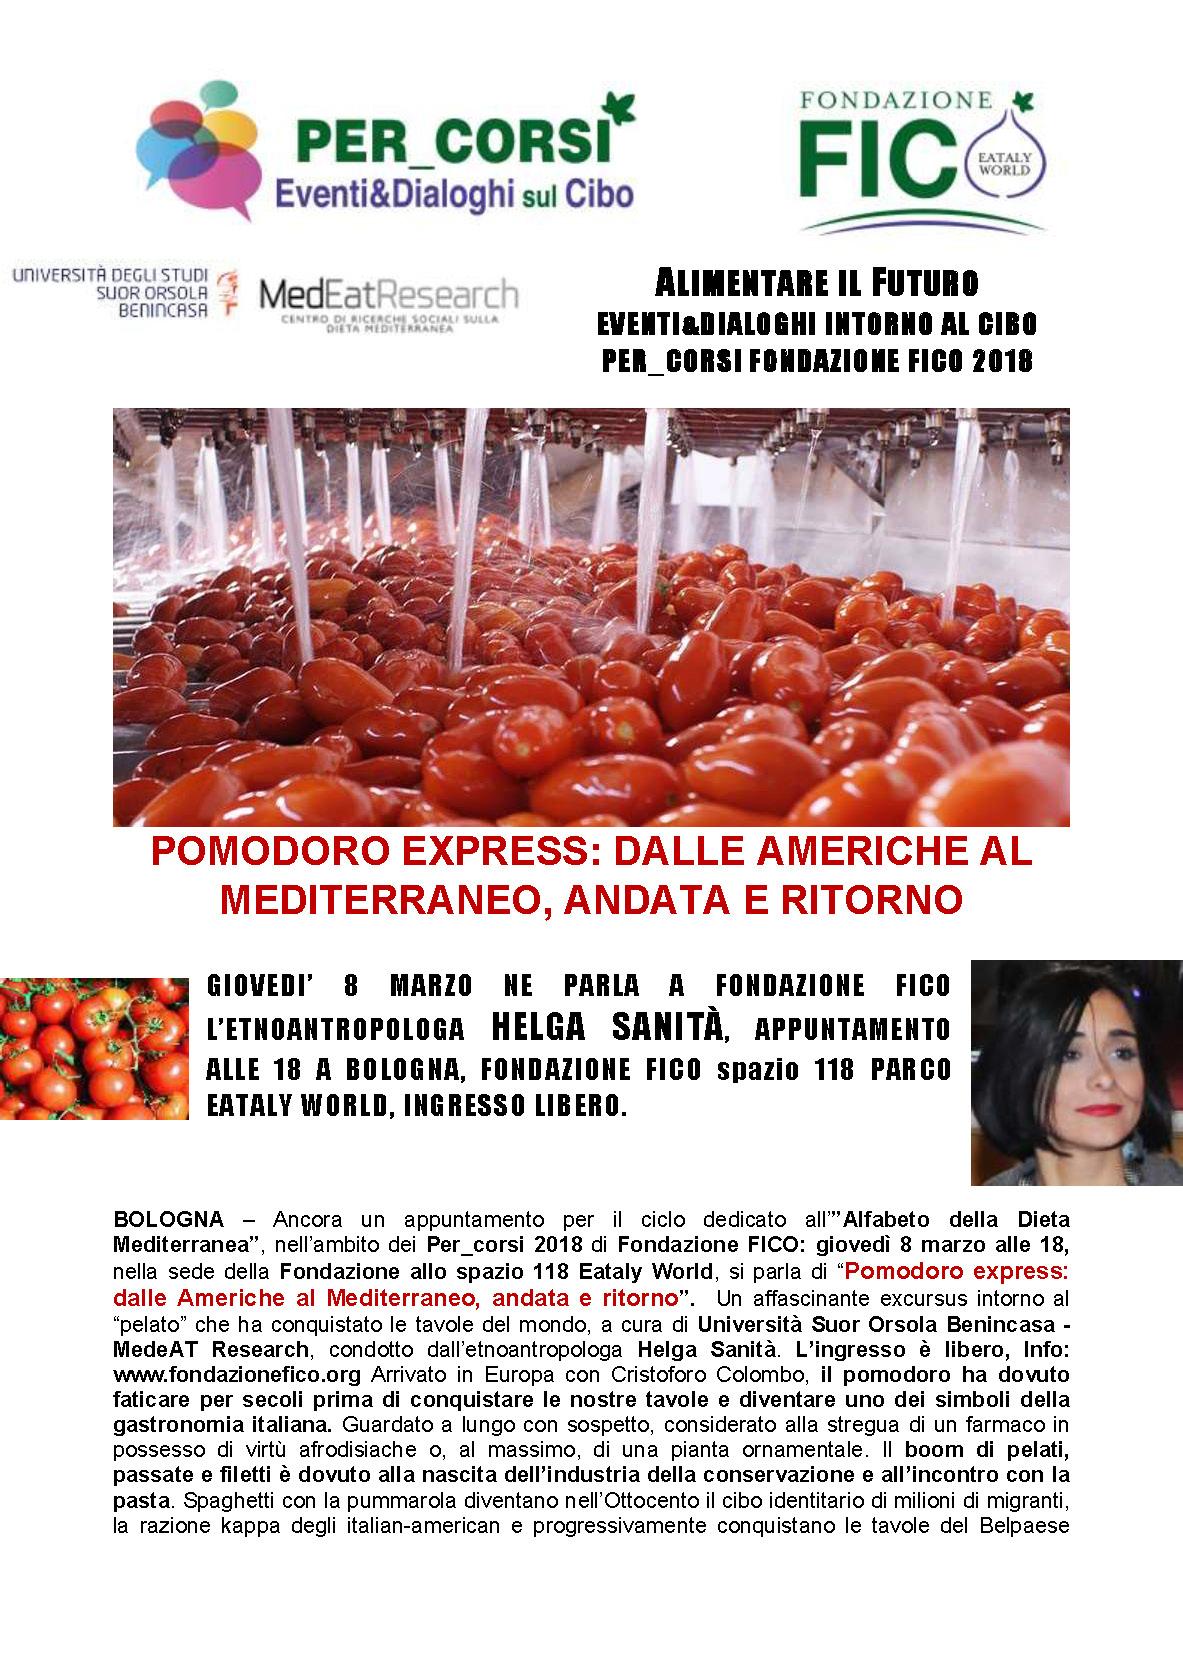 CS-0036-FondazioneFIco-PER_CORSI-08-03-2018-POMODORO EXPRESS-Helga Sanità_Pagina_1